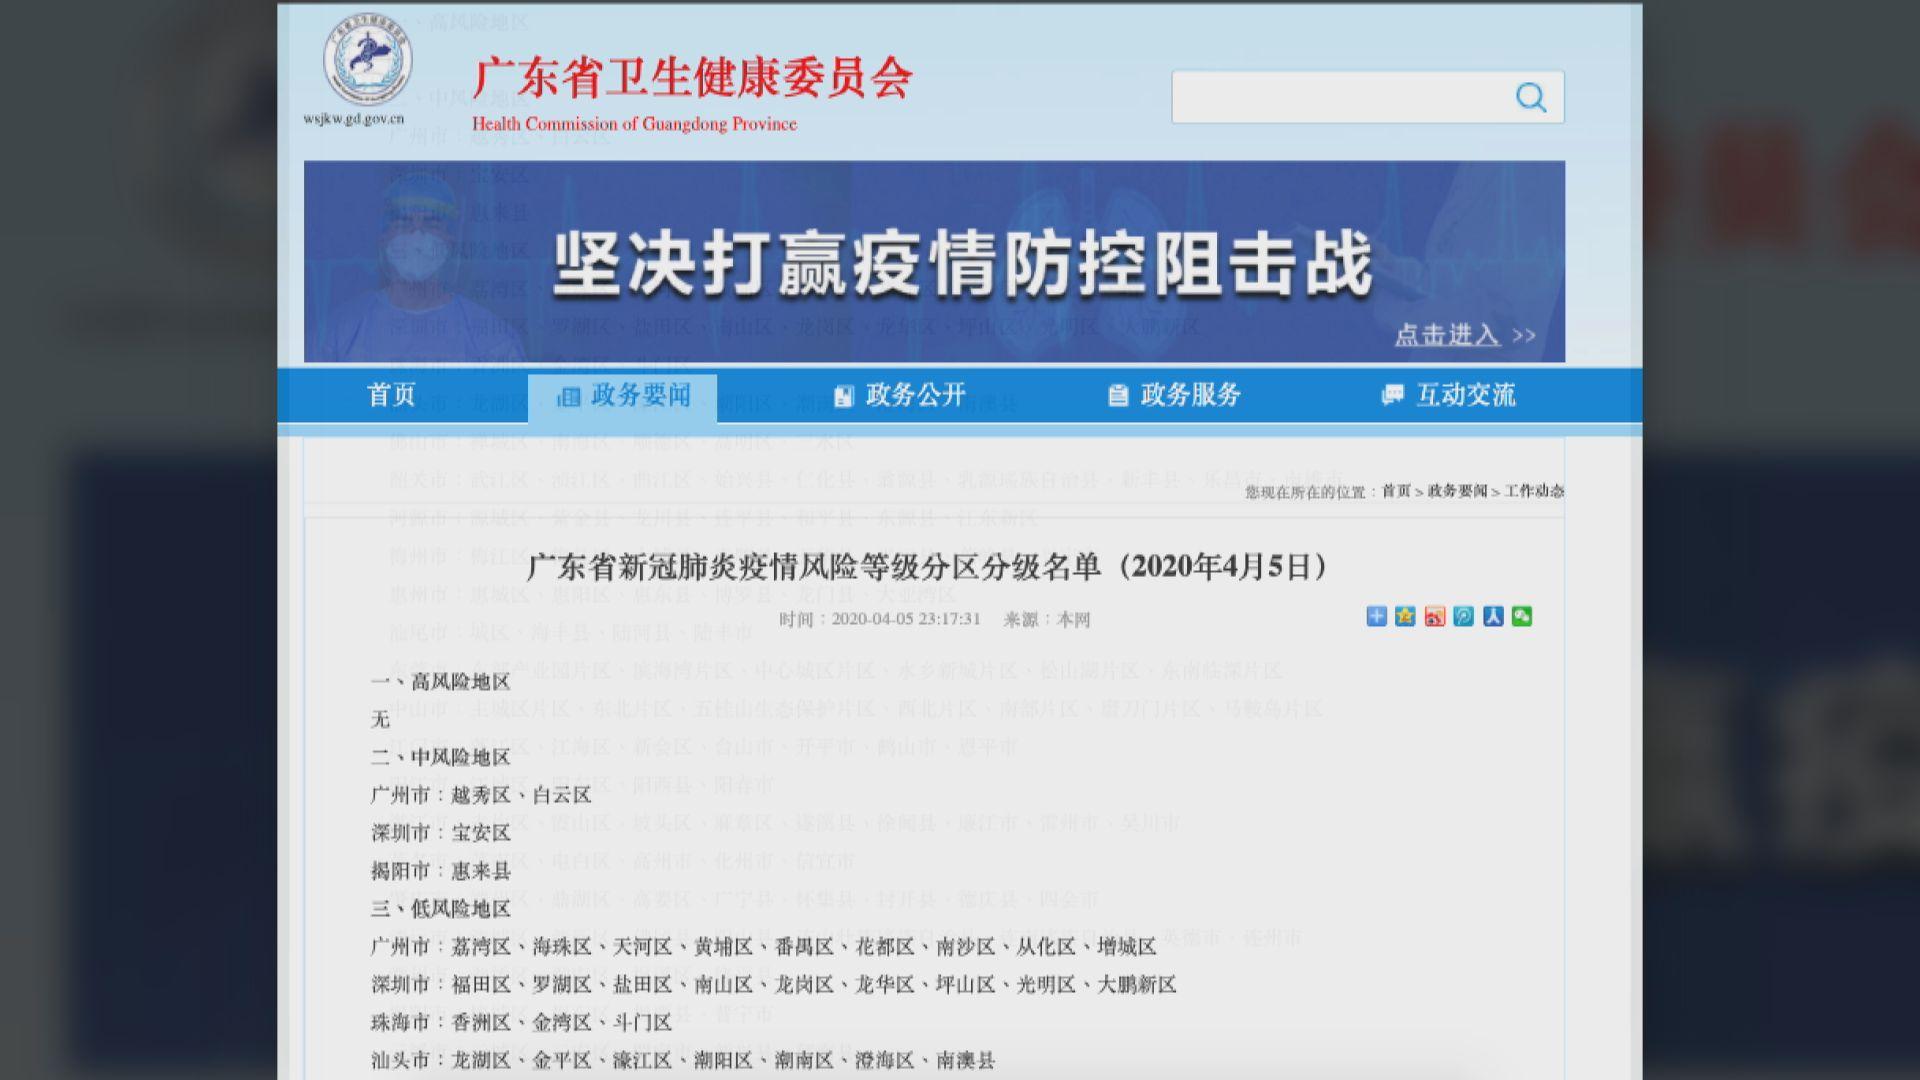 廣東省上調四地至中風險地區